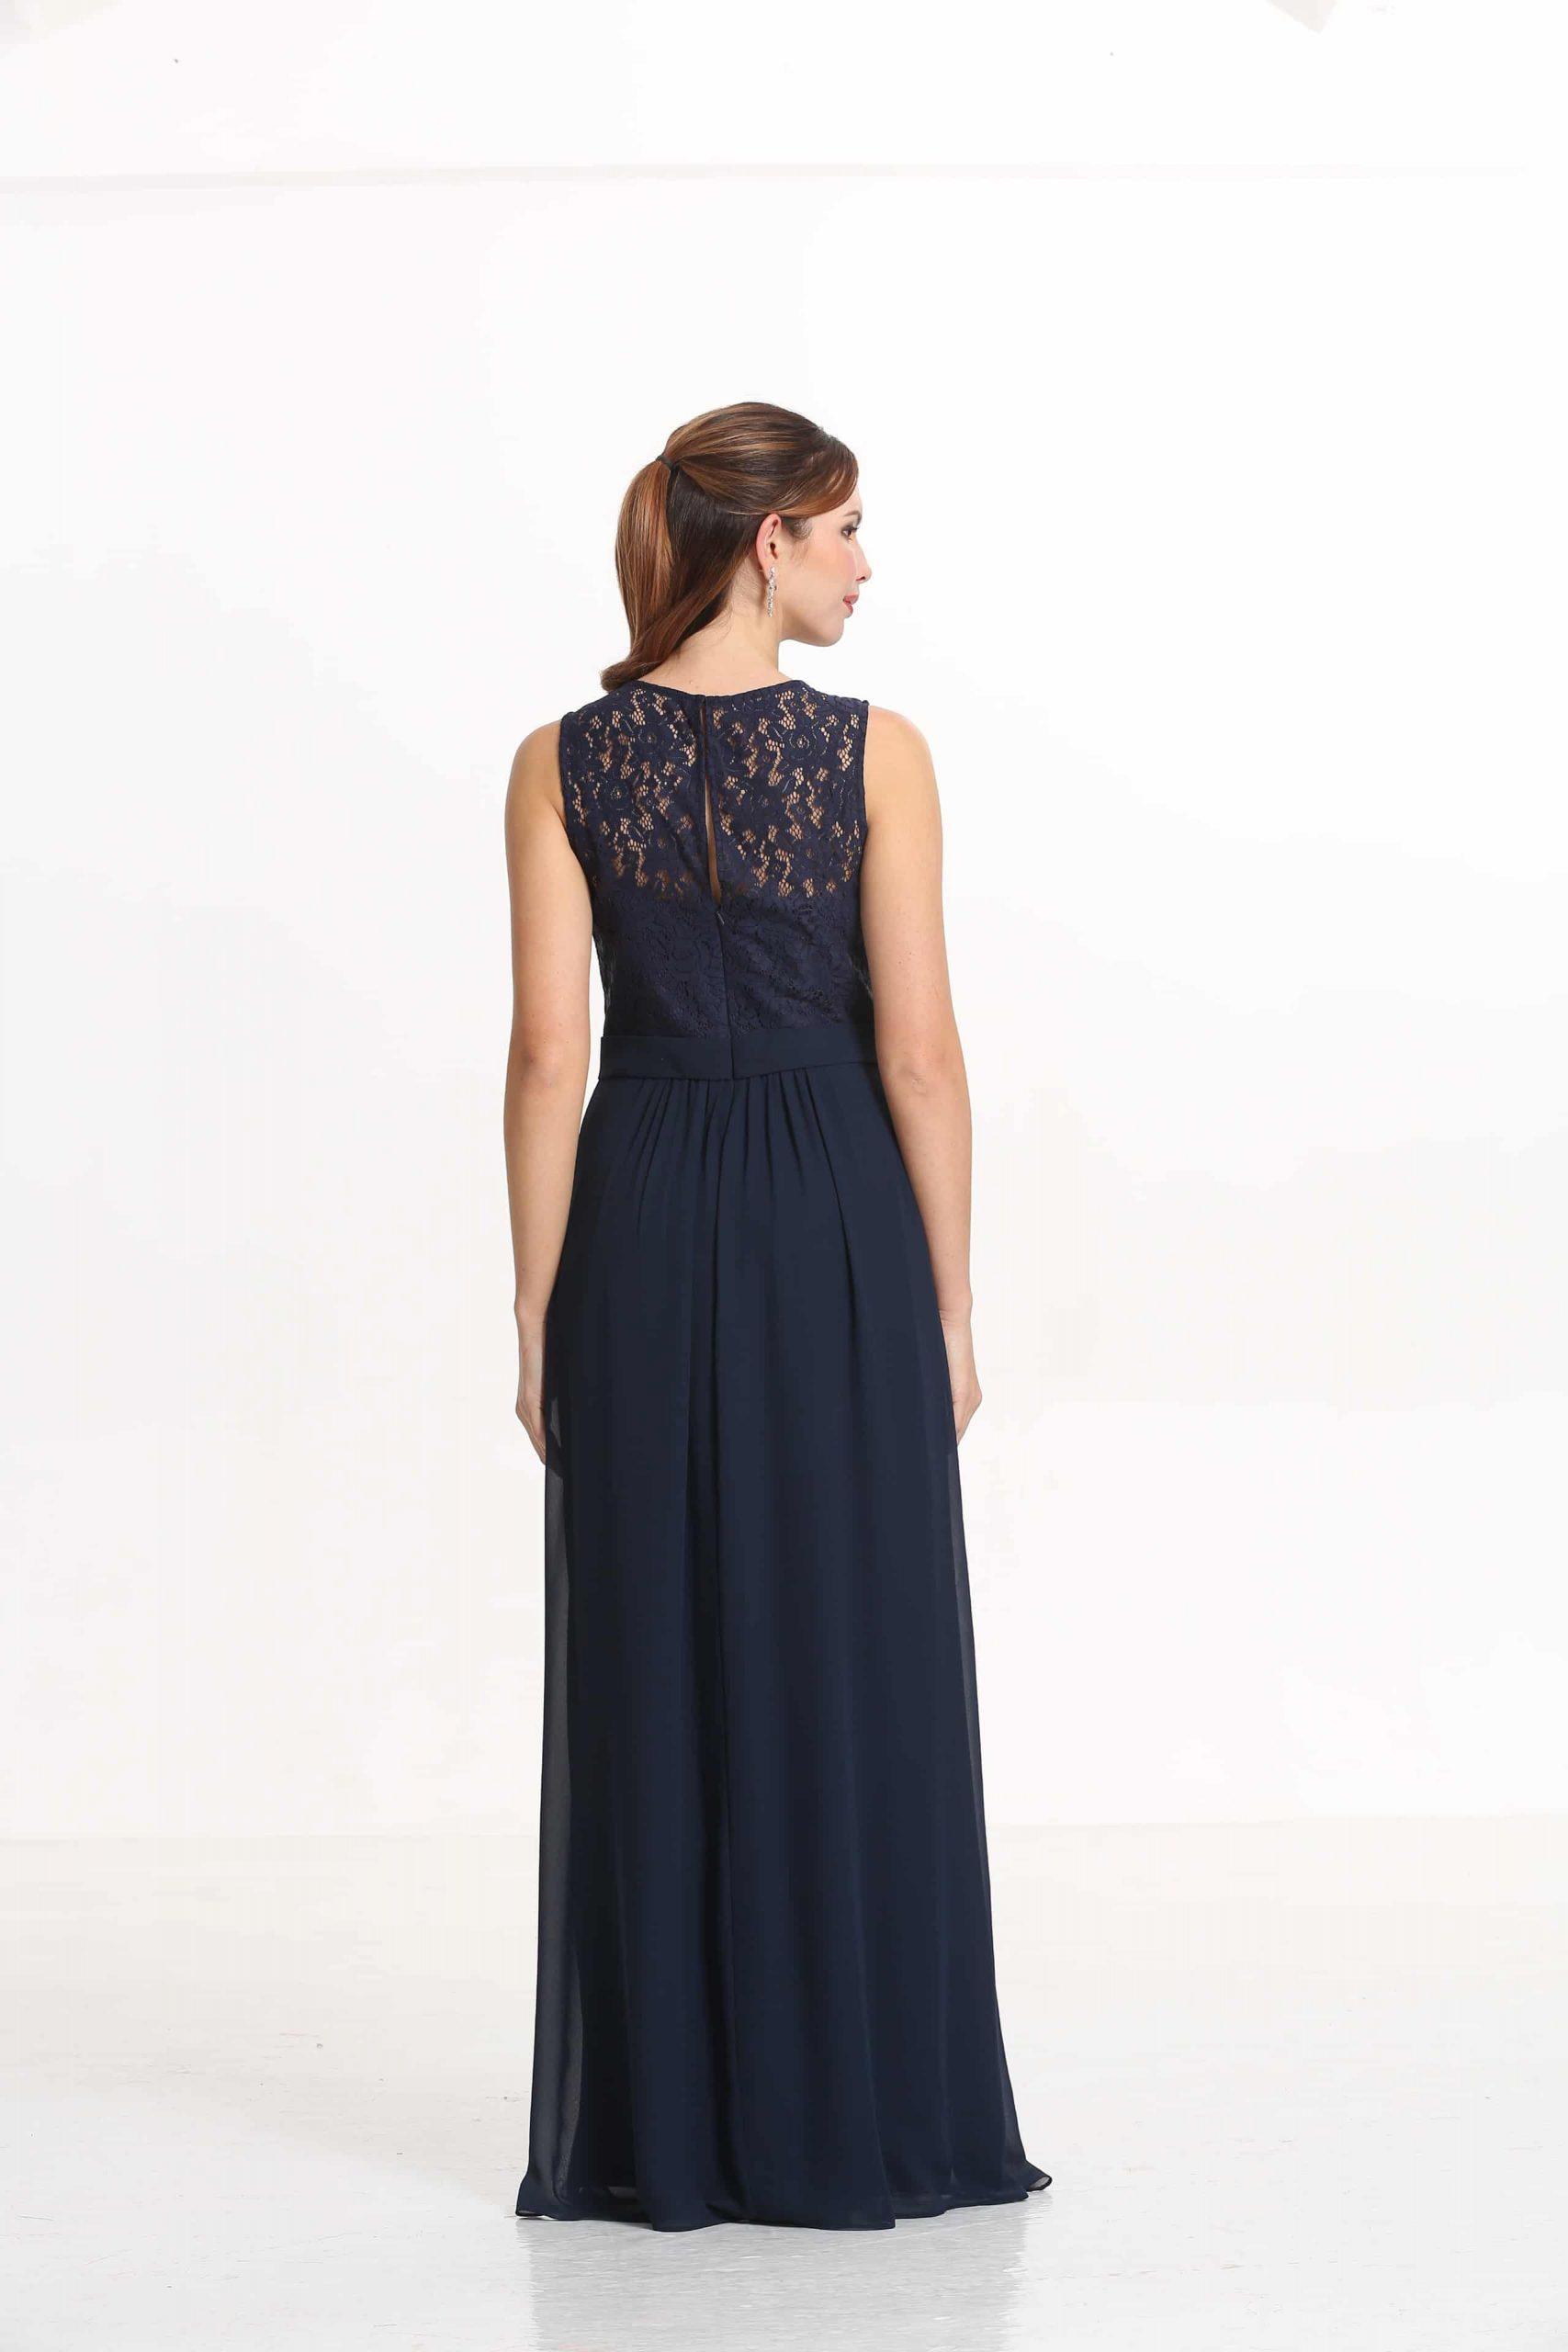 abend erstaunlich abendkleider würzburg boutique - abendkleid